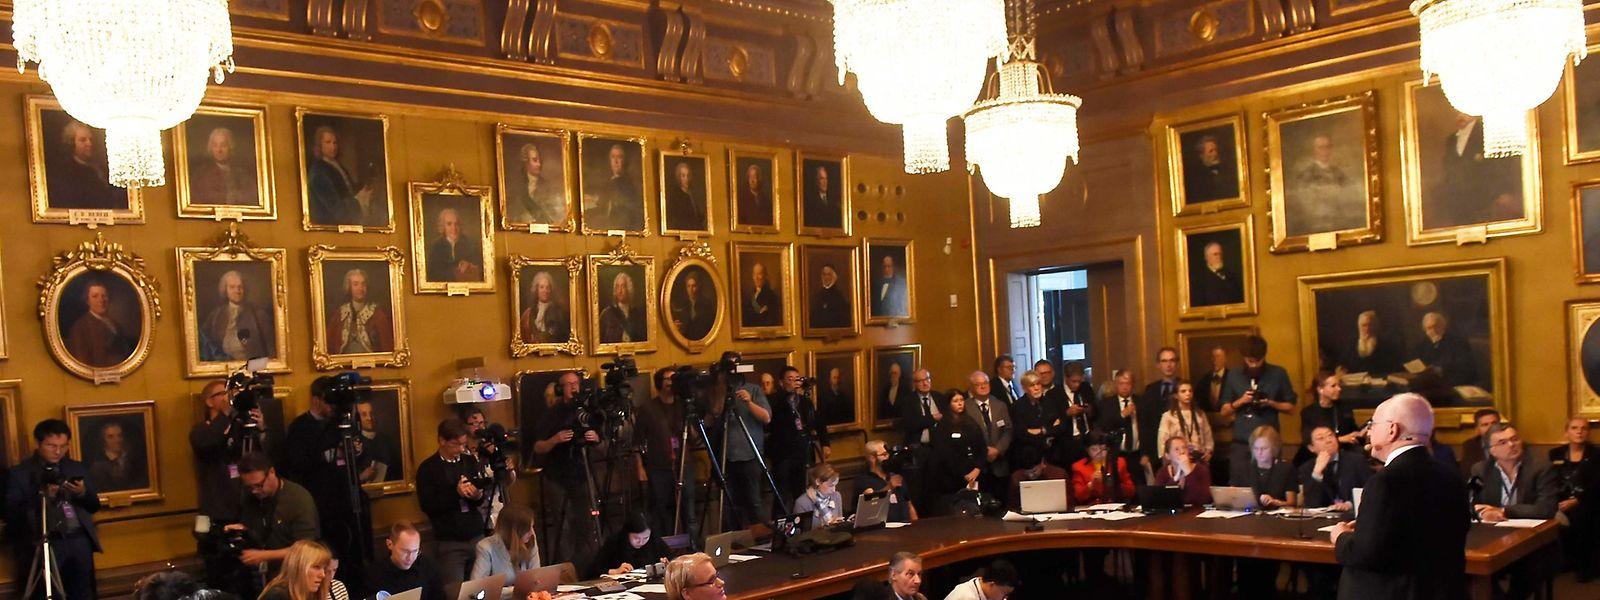 Das Osloer Nobel-Kommitée nennt nur die Anzahl der Nominierungen, nicht die Namen. Die werden nur bekannt, wenn sich die Vorschlagenden selbst an die Öffentlichkeit wenden.